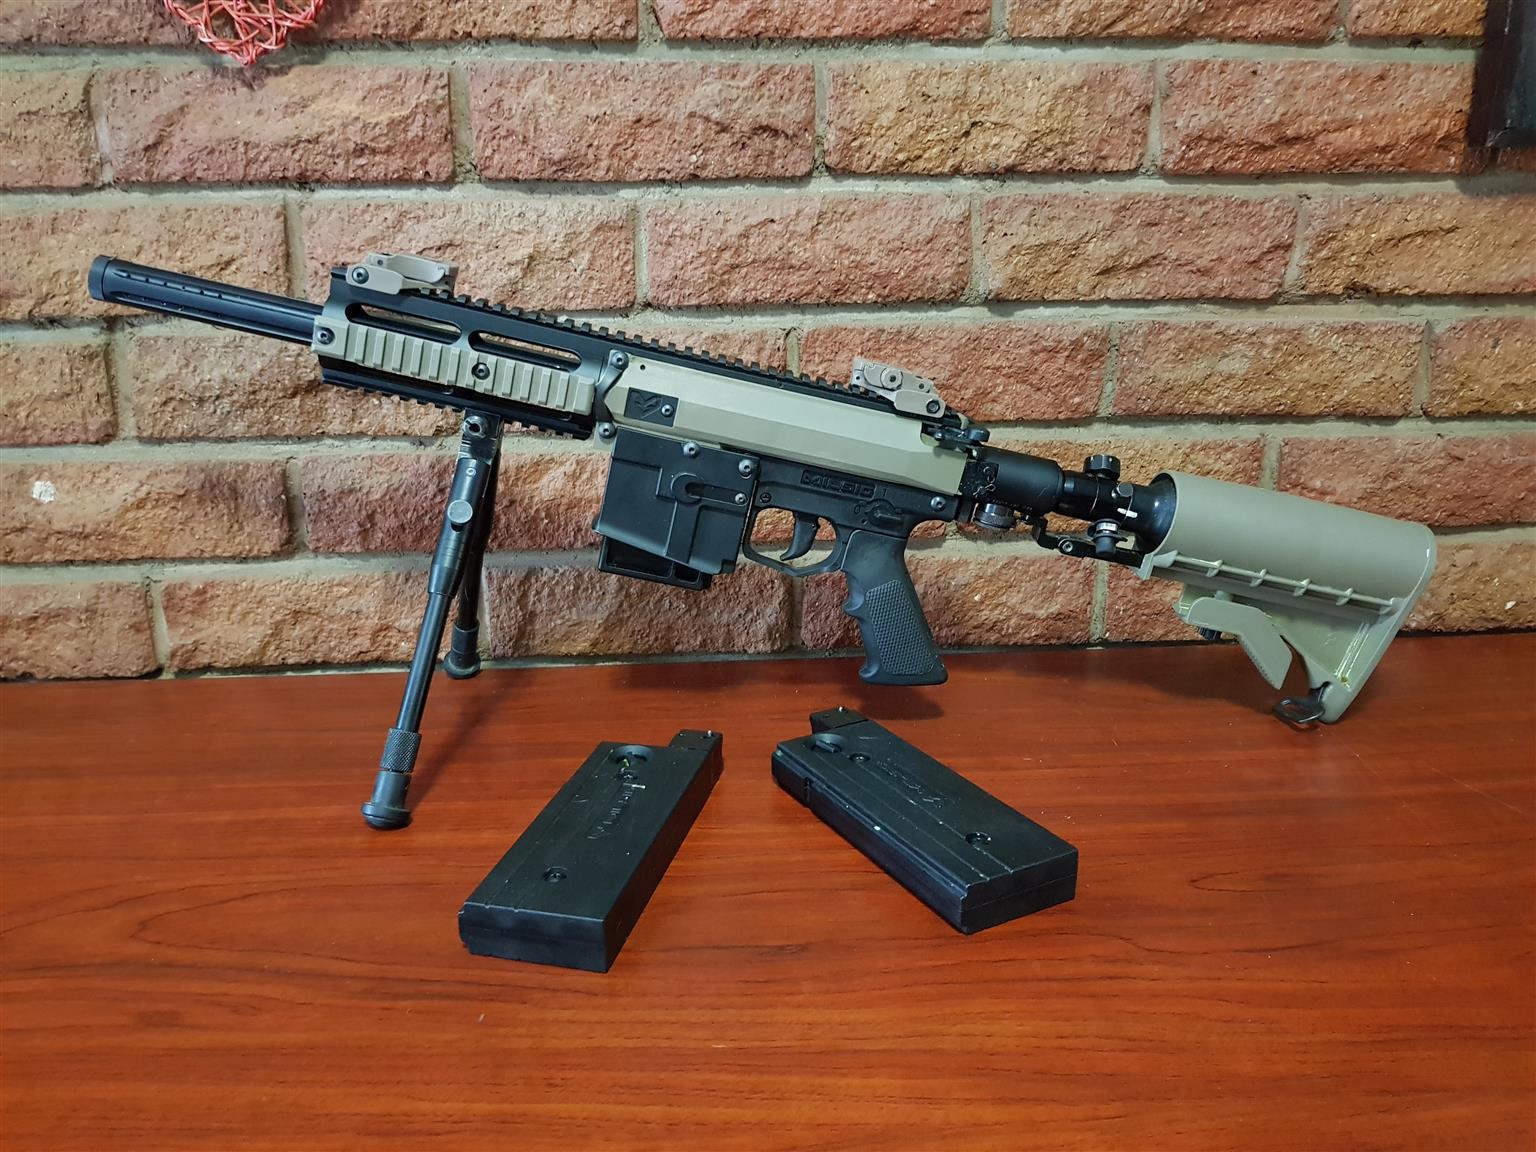 Milsig M17 Elite Paintball Gun Junk Mail